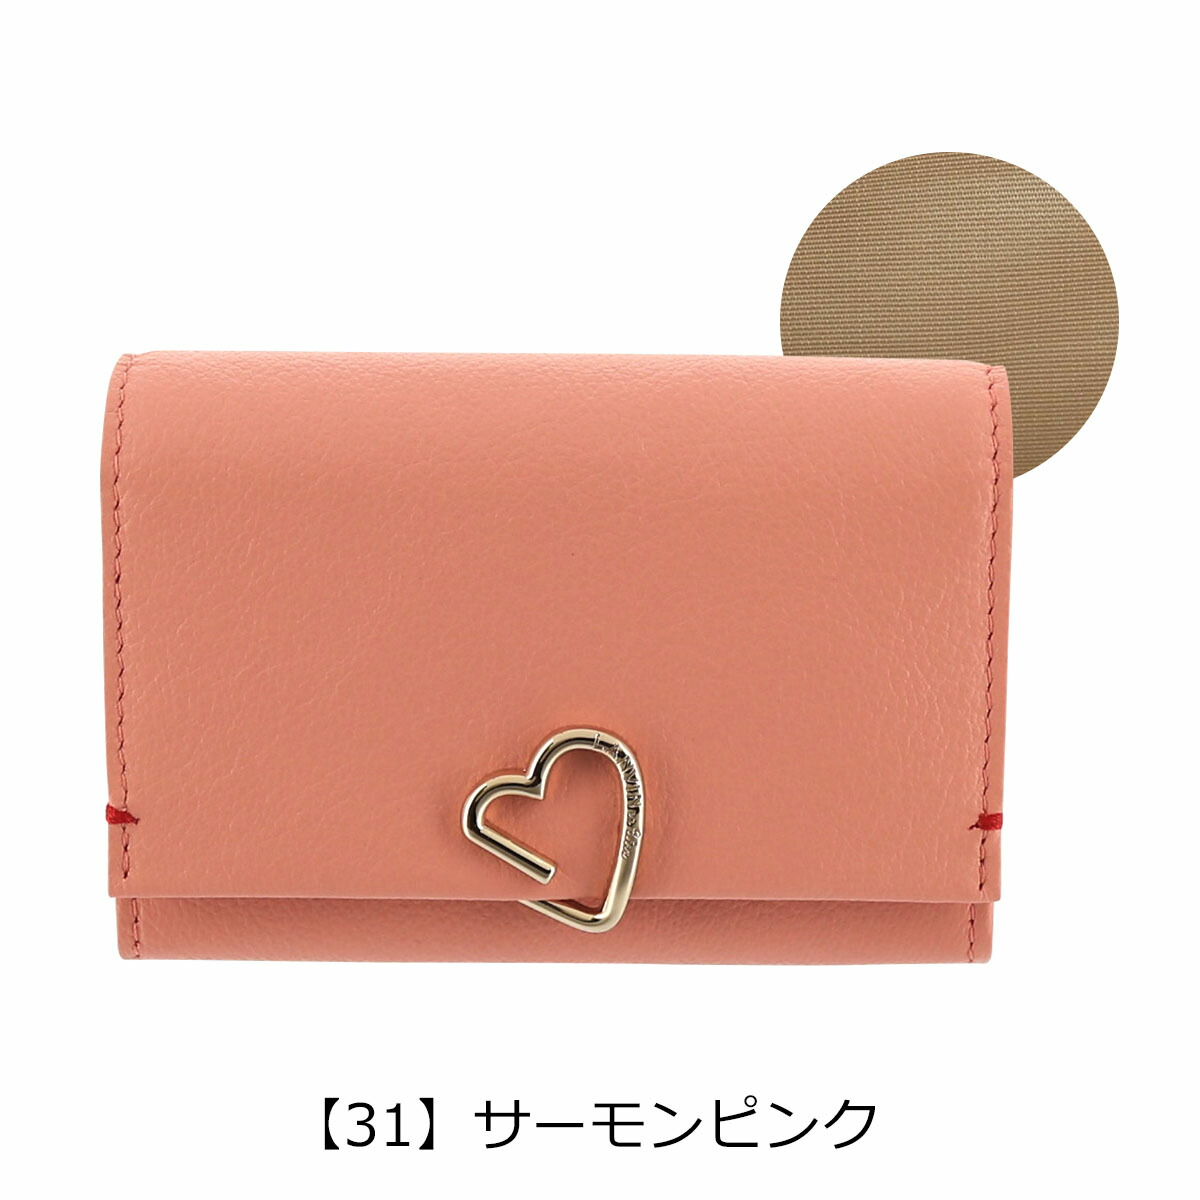 【31】サーモンピンク